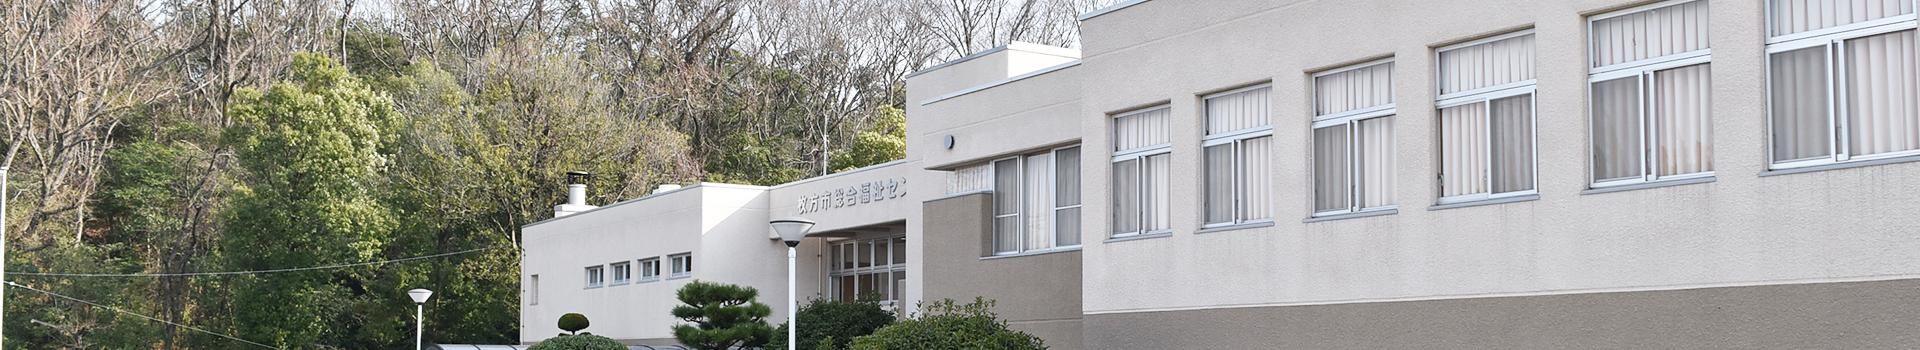 枚方市総合福祉センター